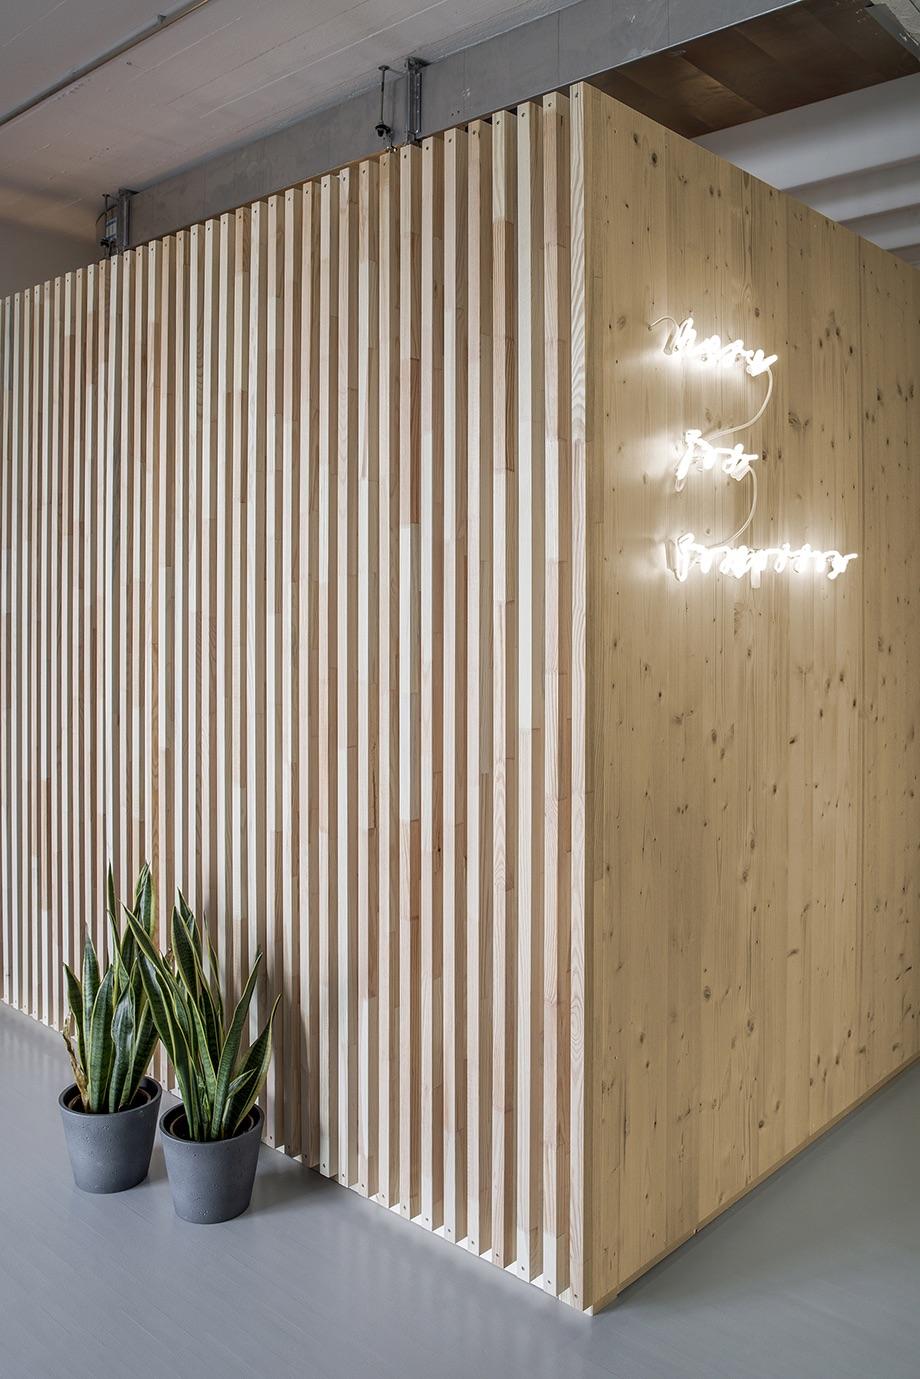 razorfish-berlin-office-7